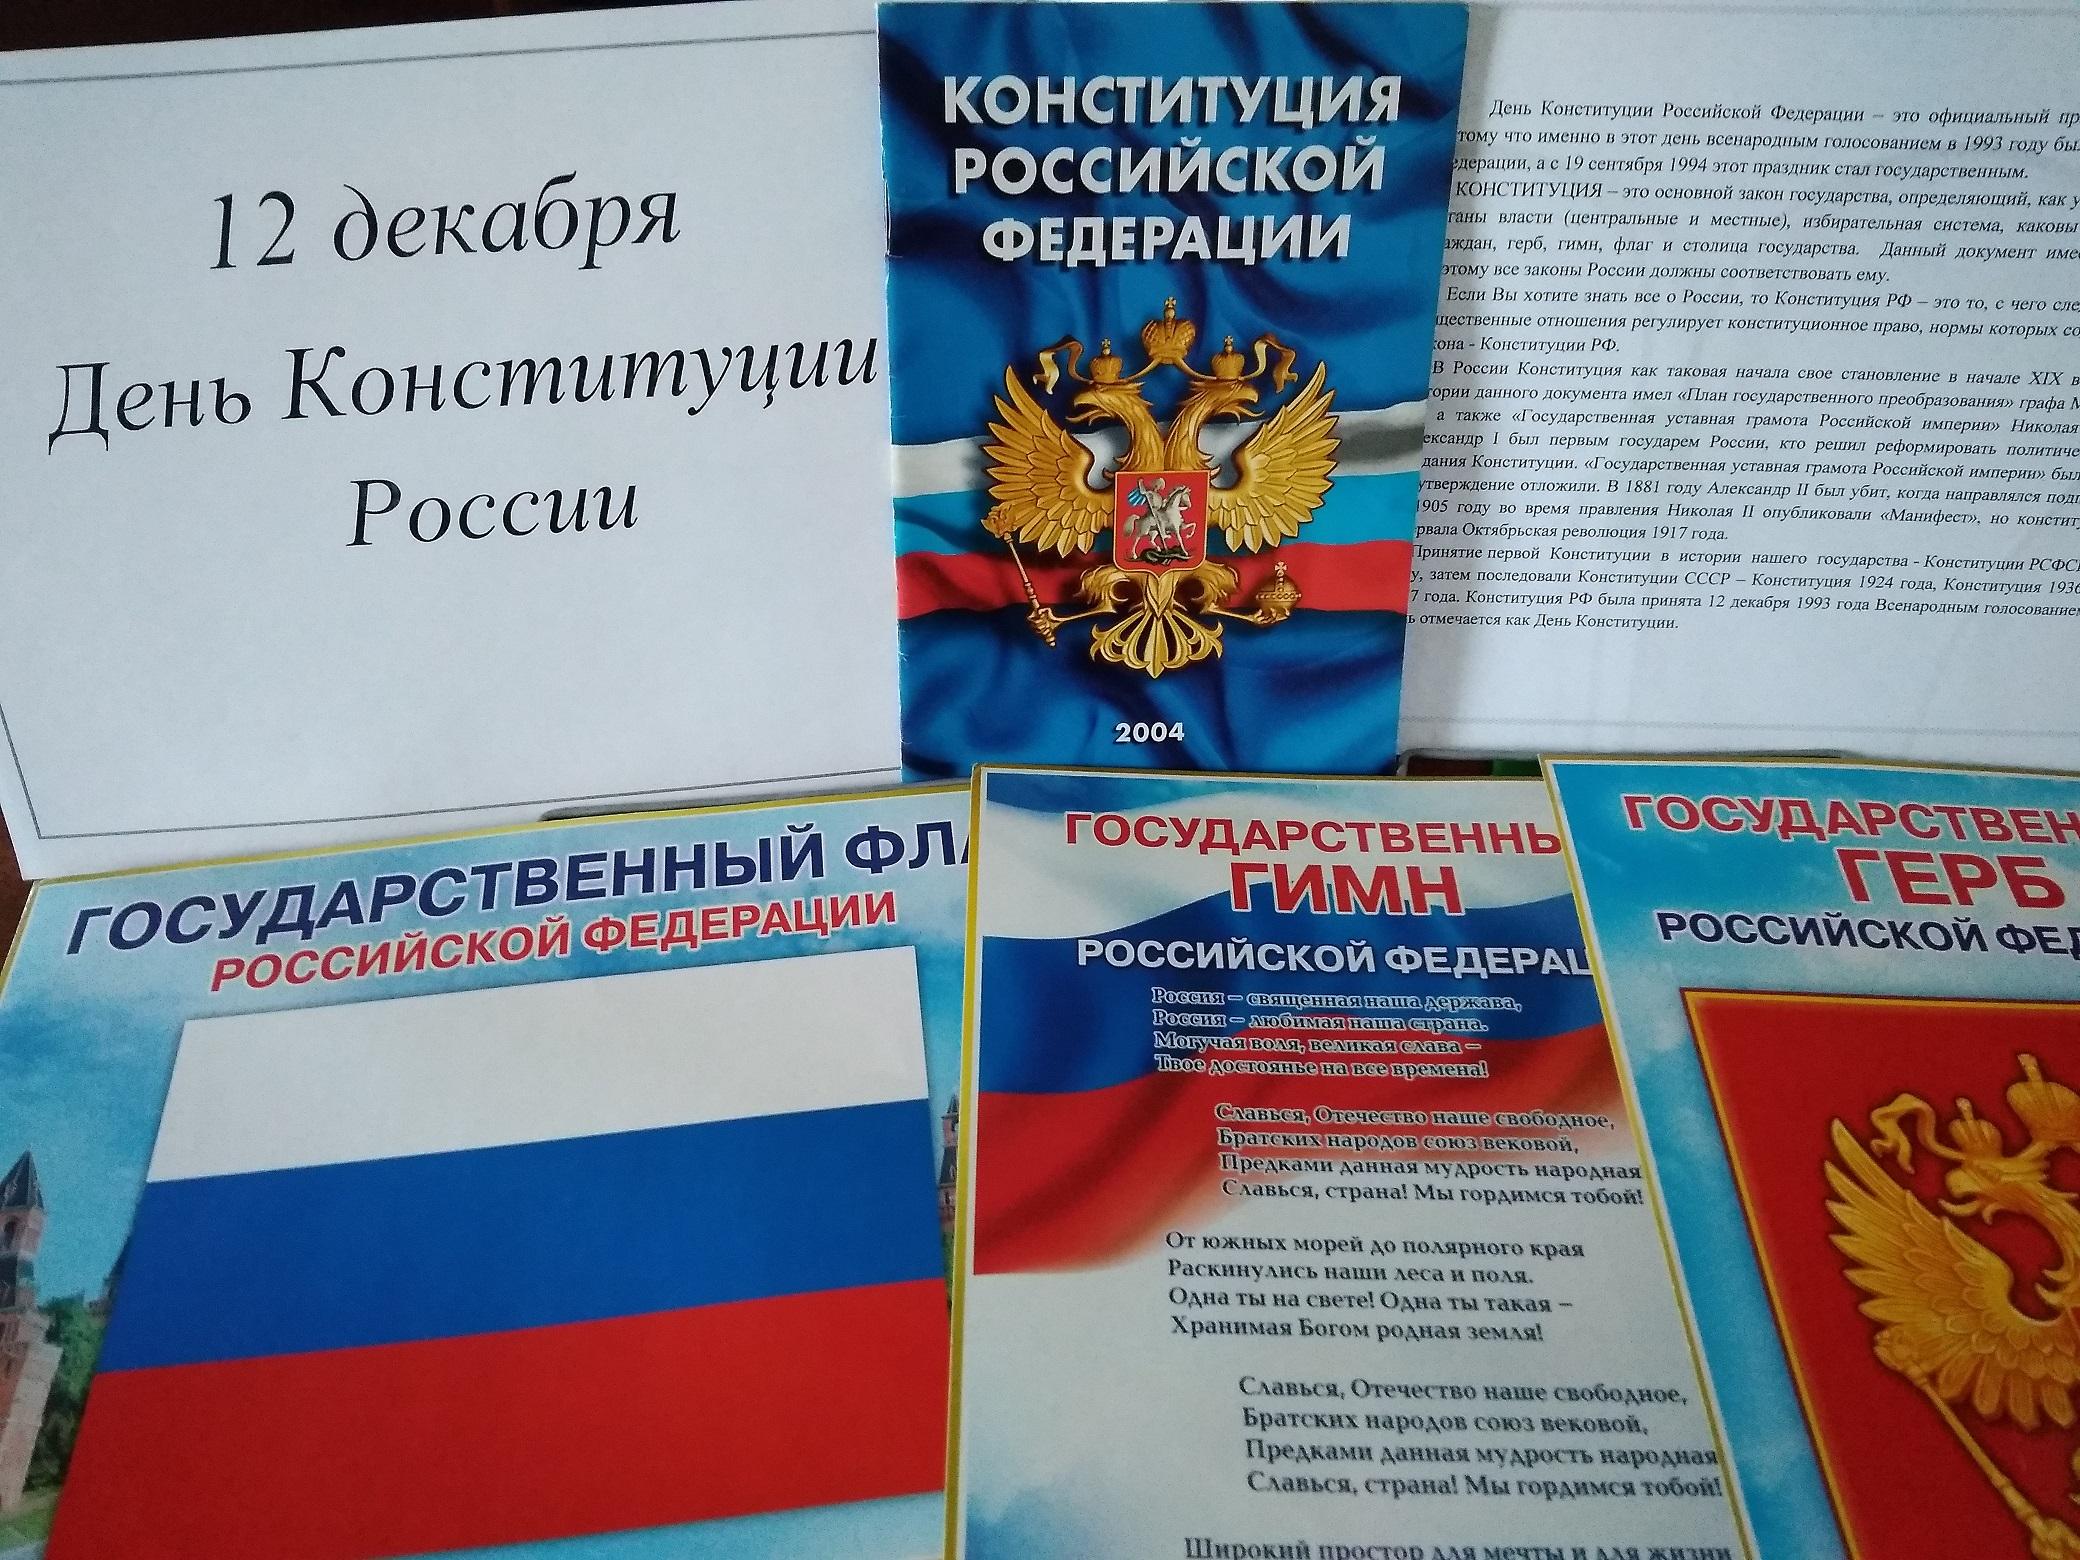 12 декабря – День Конституции РФ